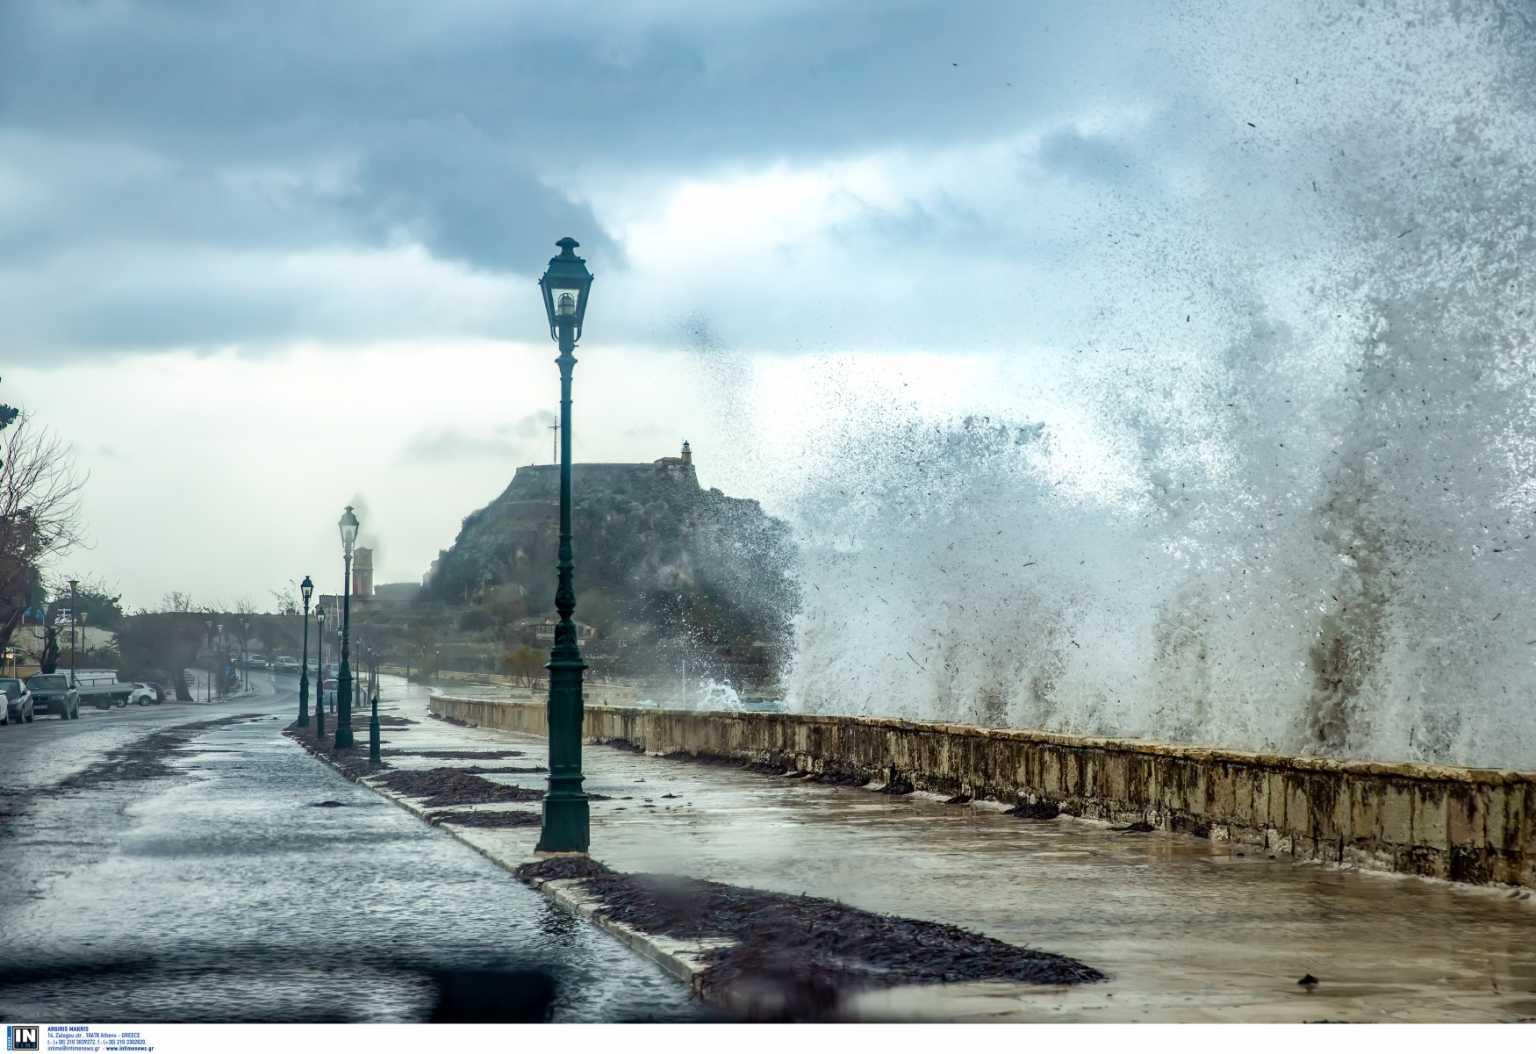 Καιρός - ΕΜΥ: Ισχυρές βροχές και καταιγίδες σε εφτά περιοχές